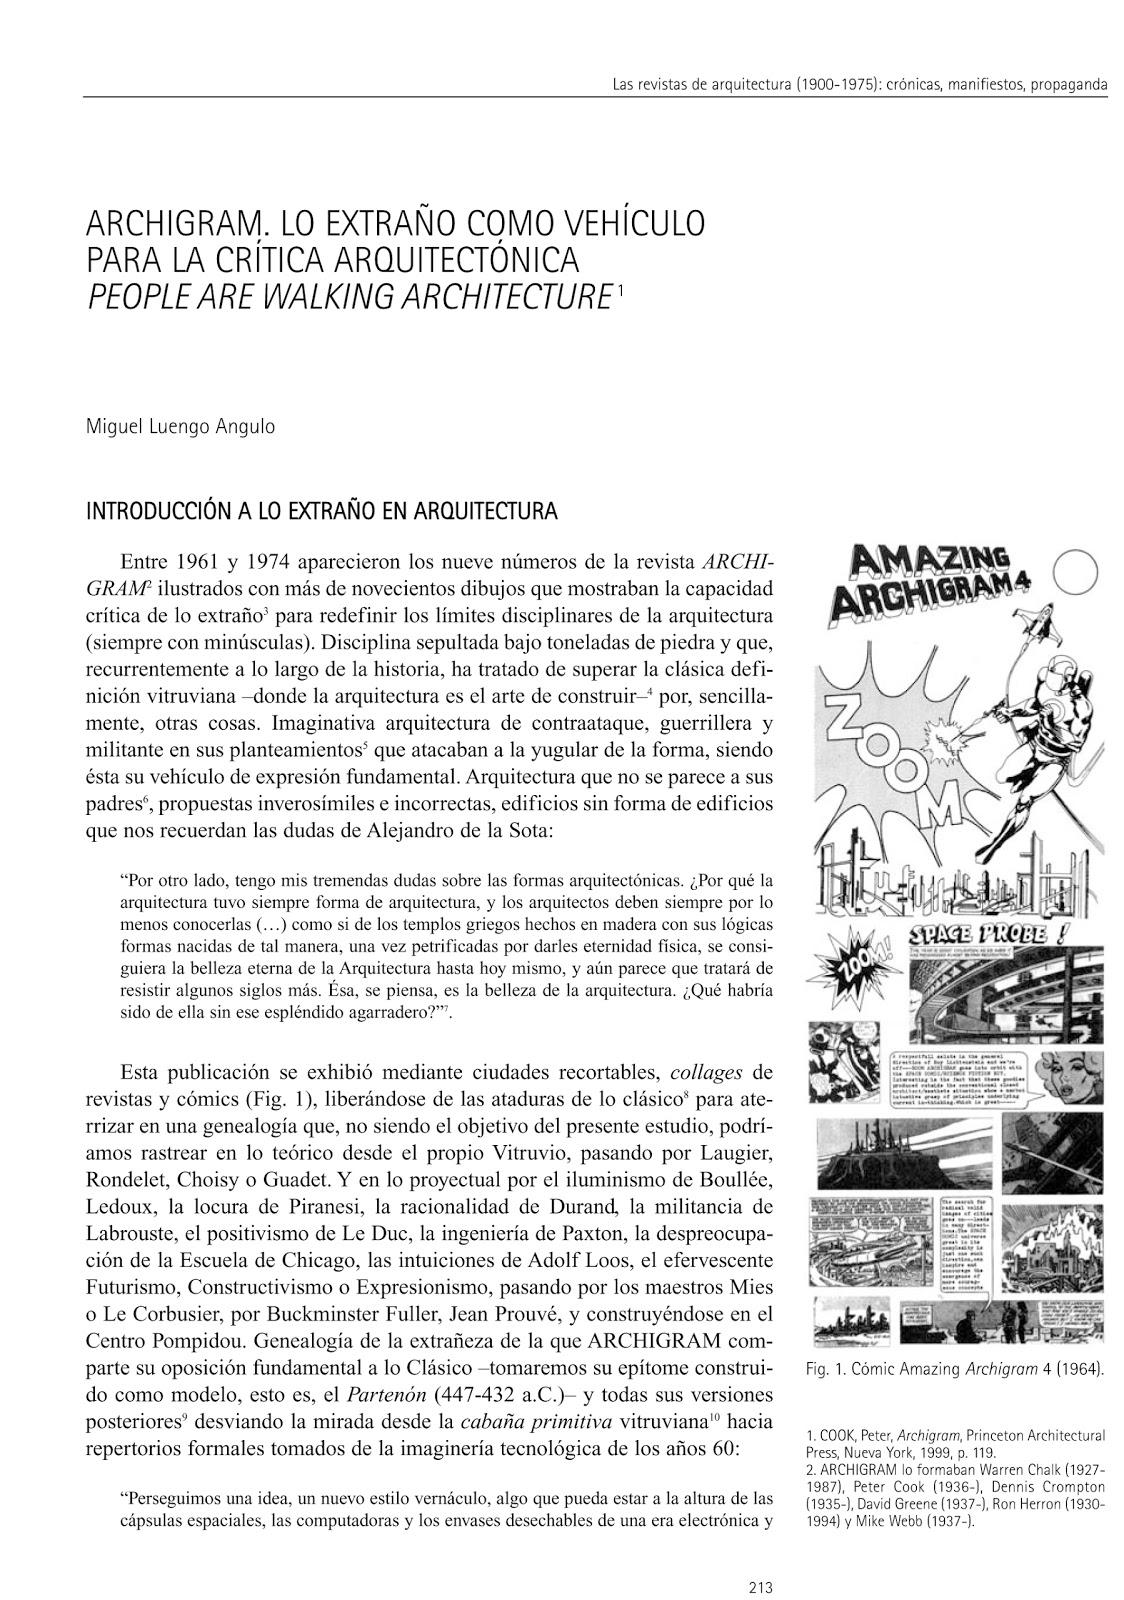 Anguloarquitectos noticias ponencia de miguel luengo for Historia de la arquitectura pdf